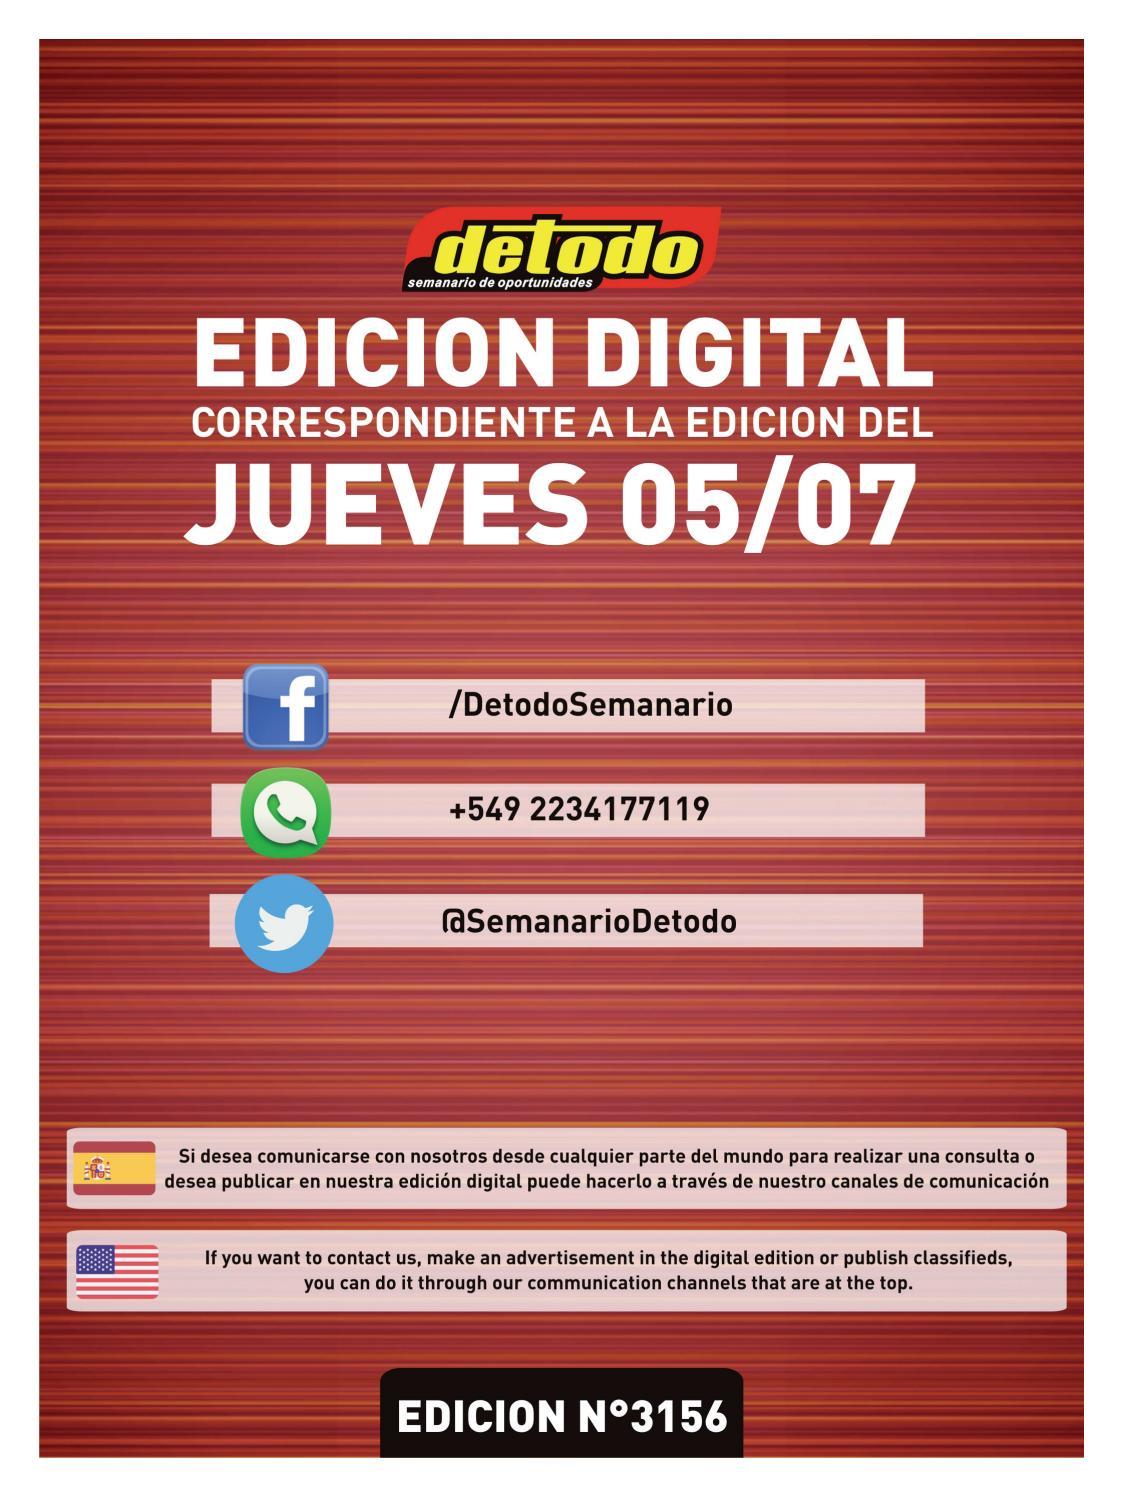 Semanario Detodo - Edición N° 3156 - 05 07 2018 by Semanario Detodo - issuu 9392771f55e